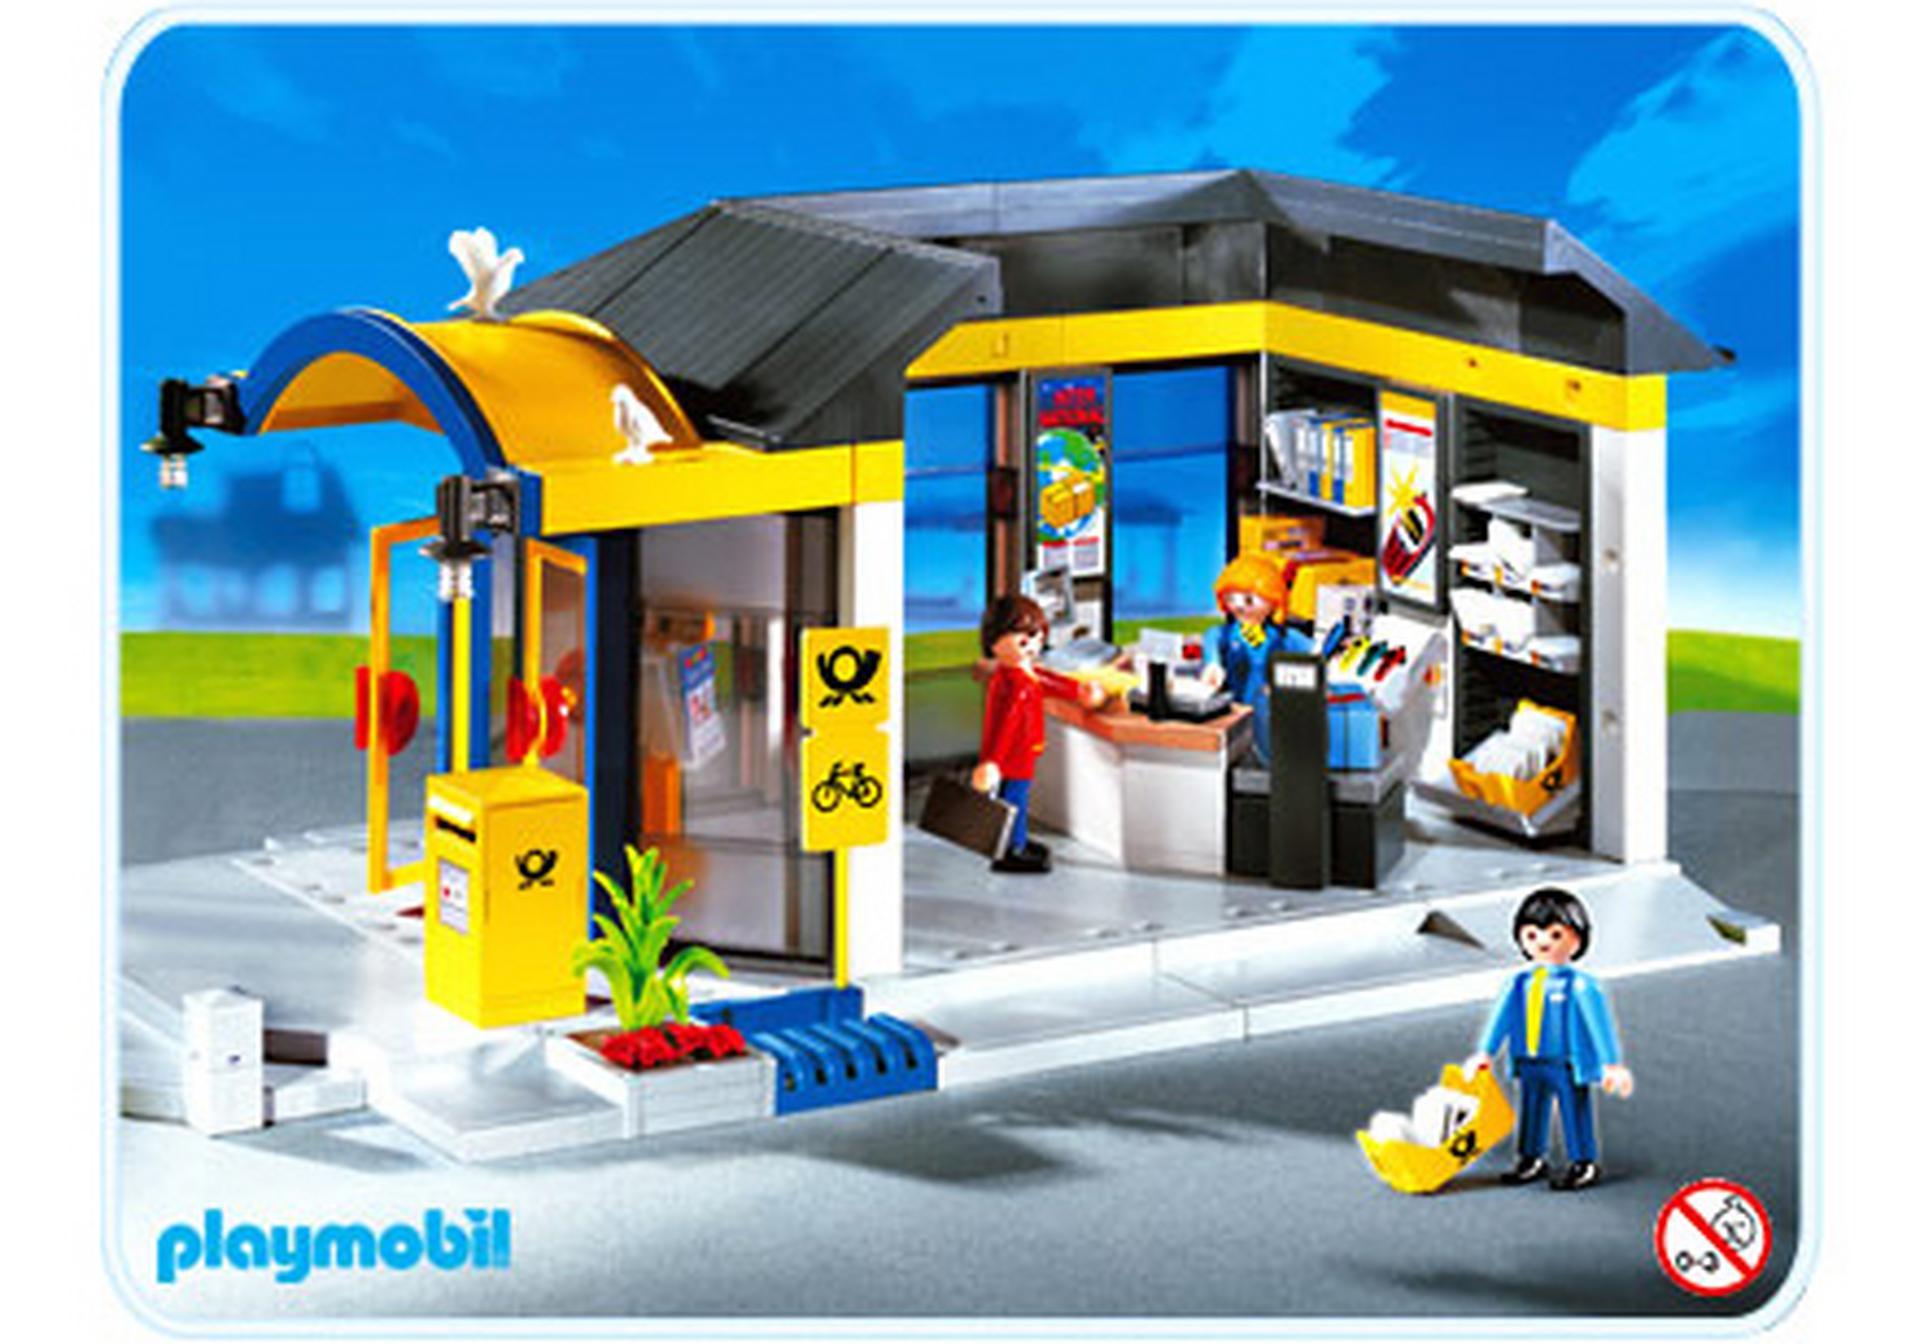 Postamt 4400 a playmobil deutschland for Jugendzimmer playmobil